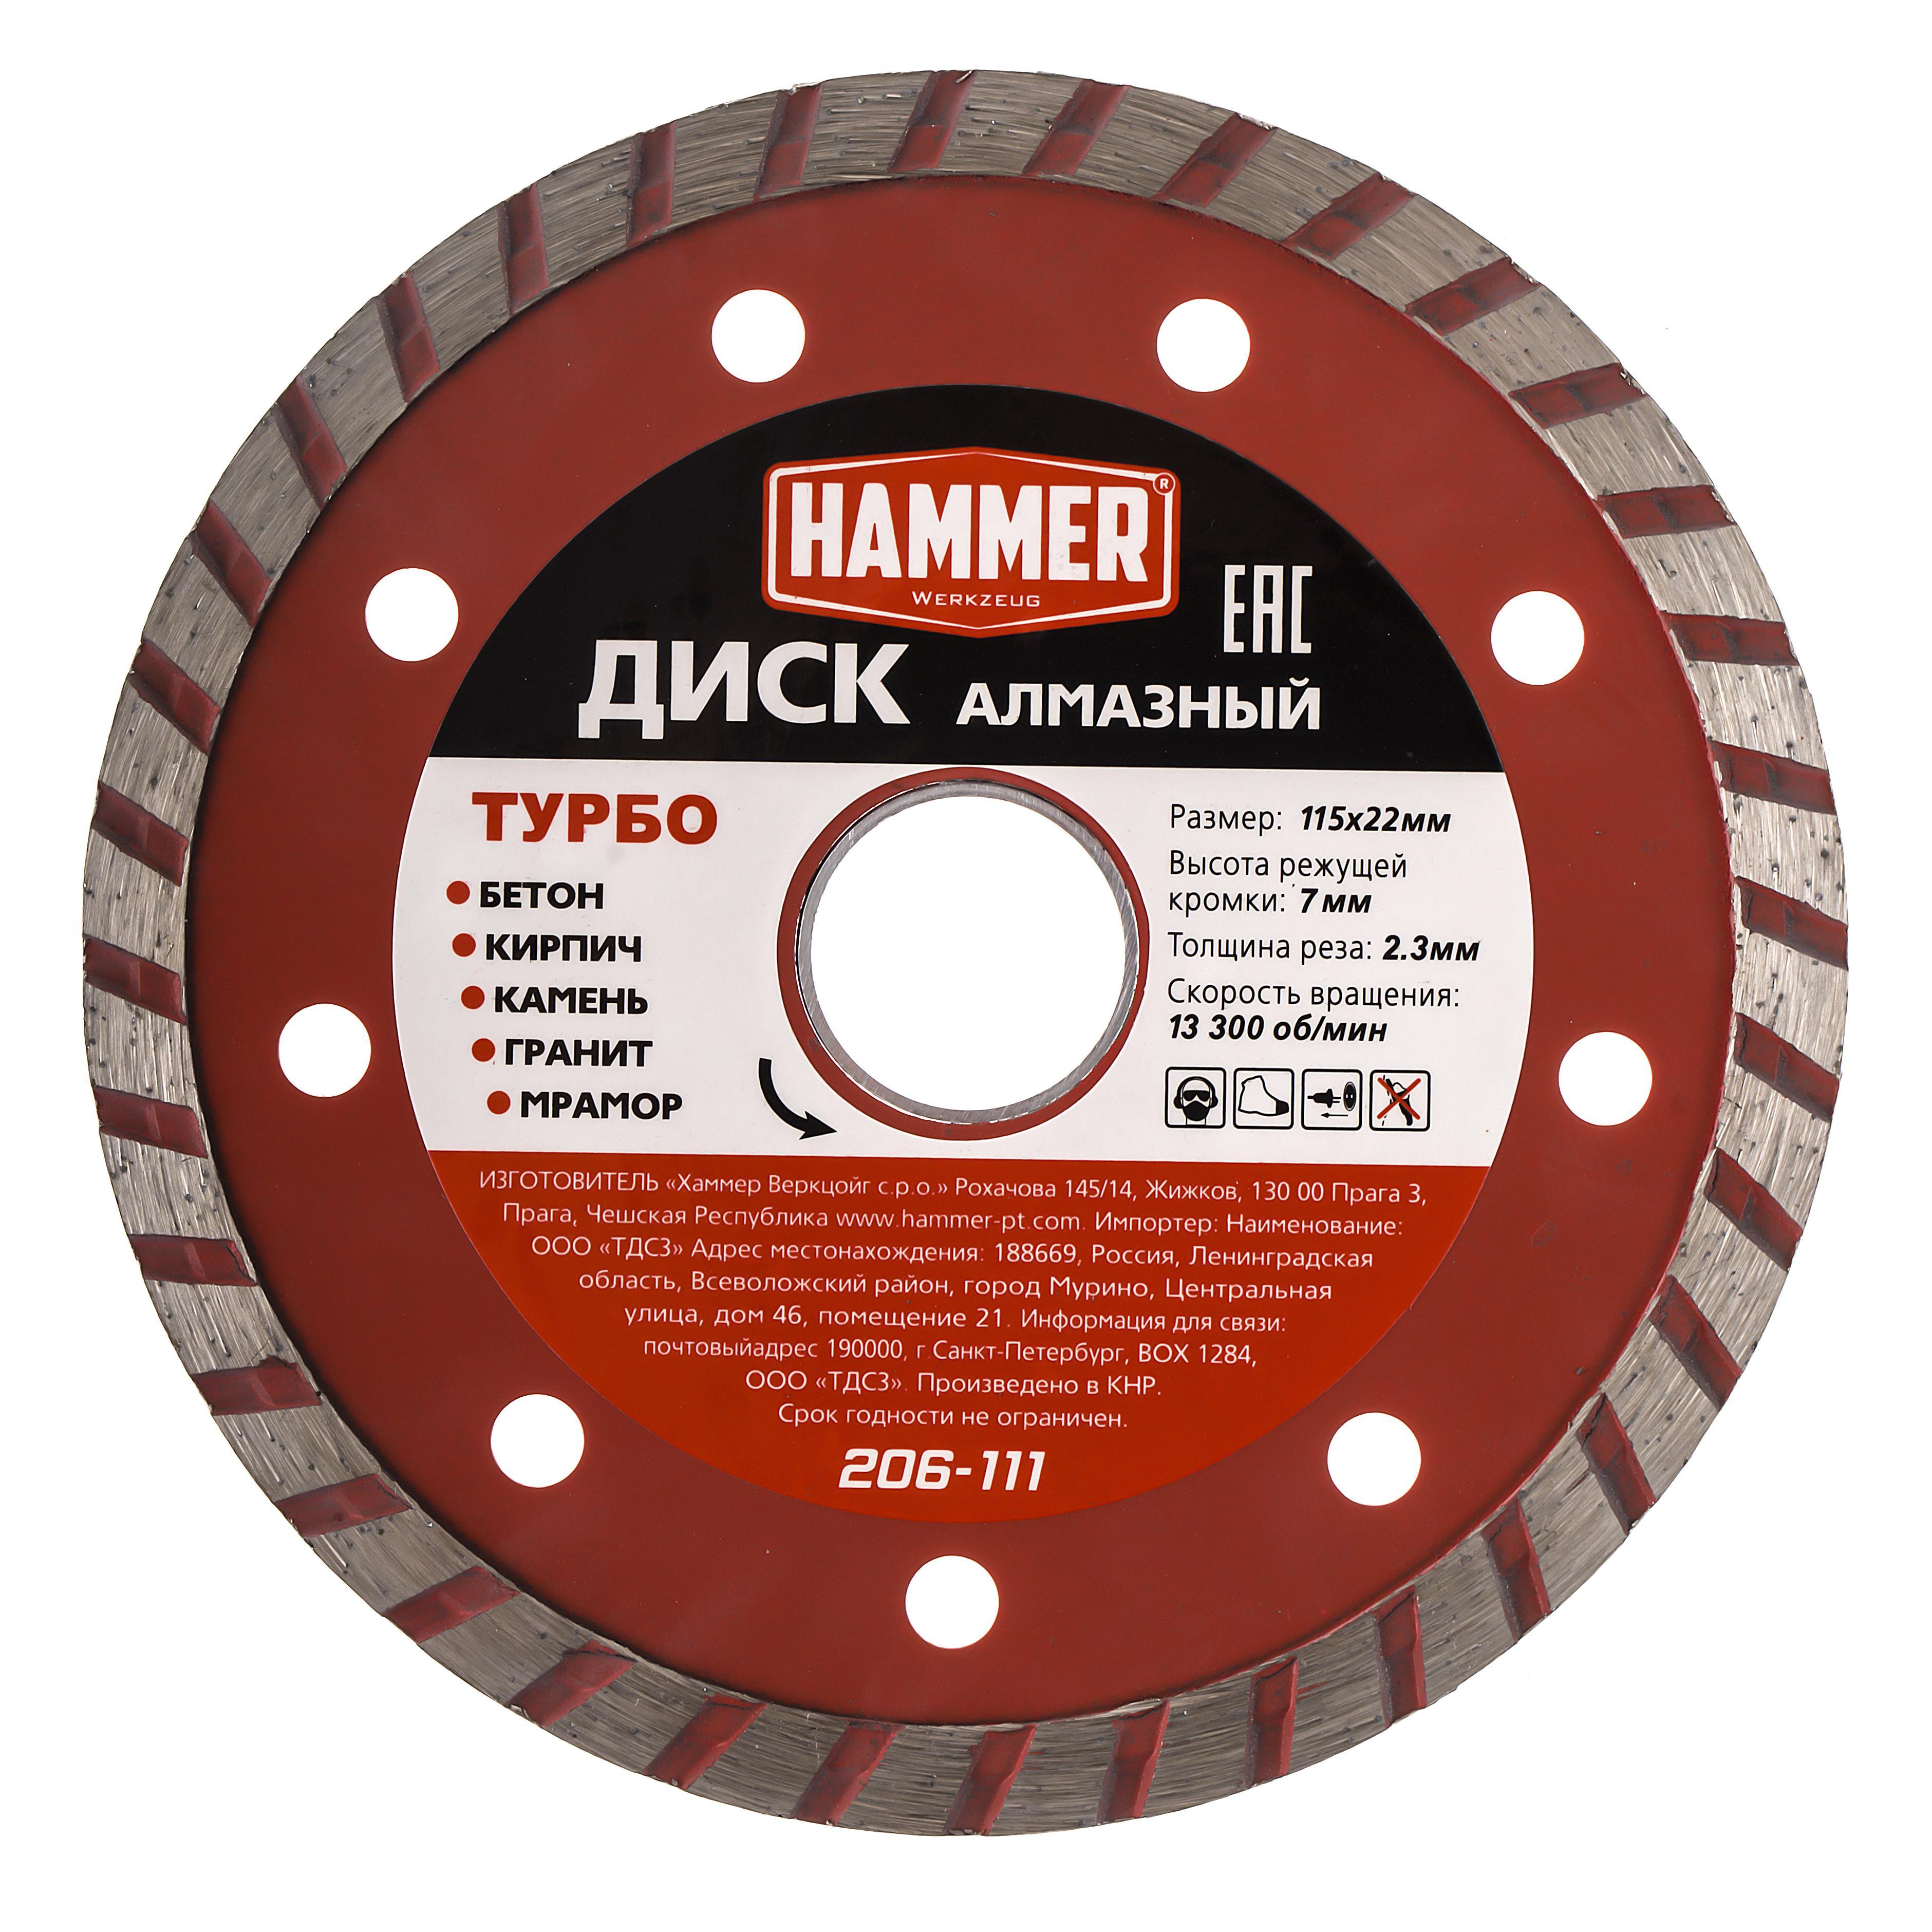 Круг алмазный Hammer 206-111 db tb